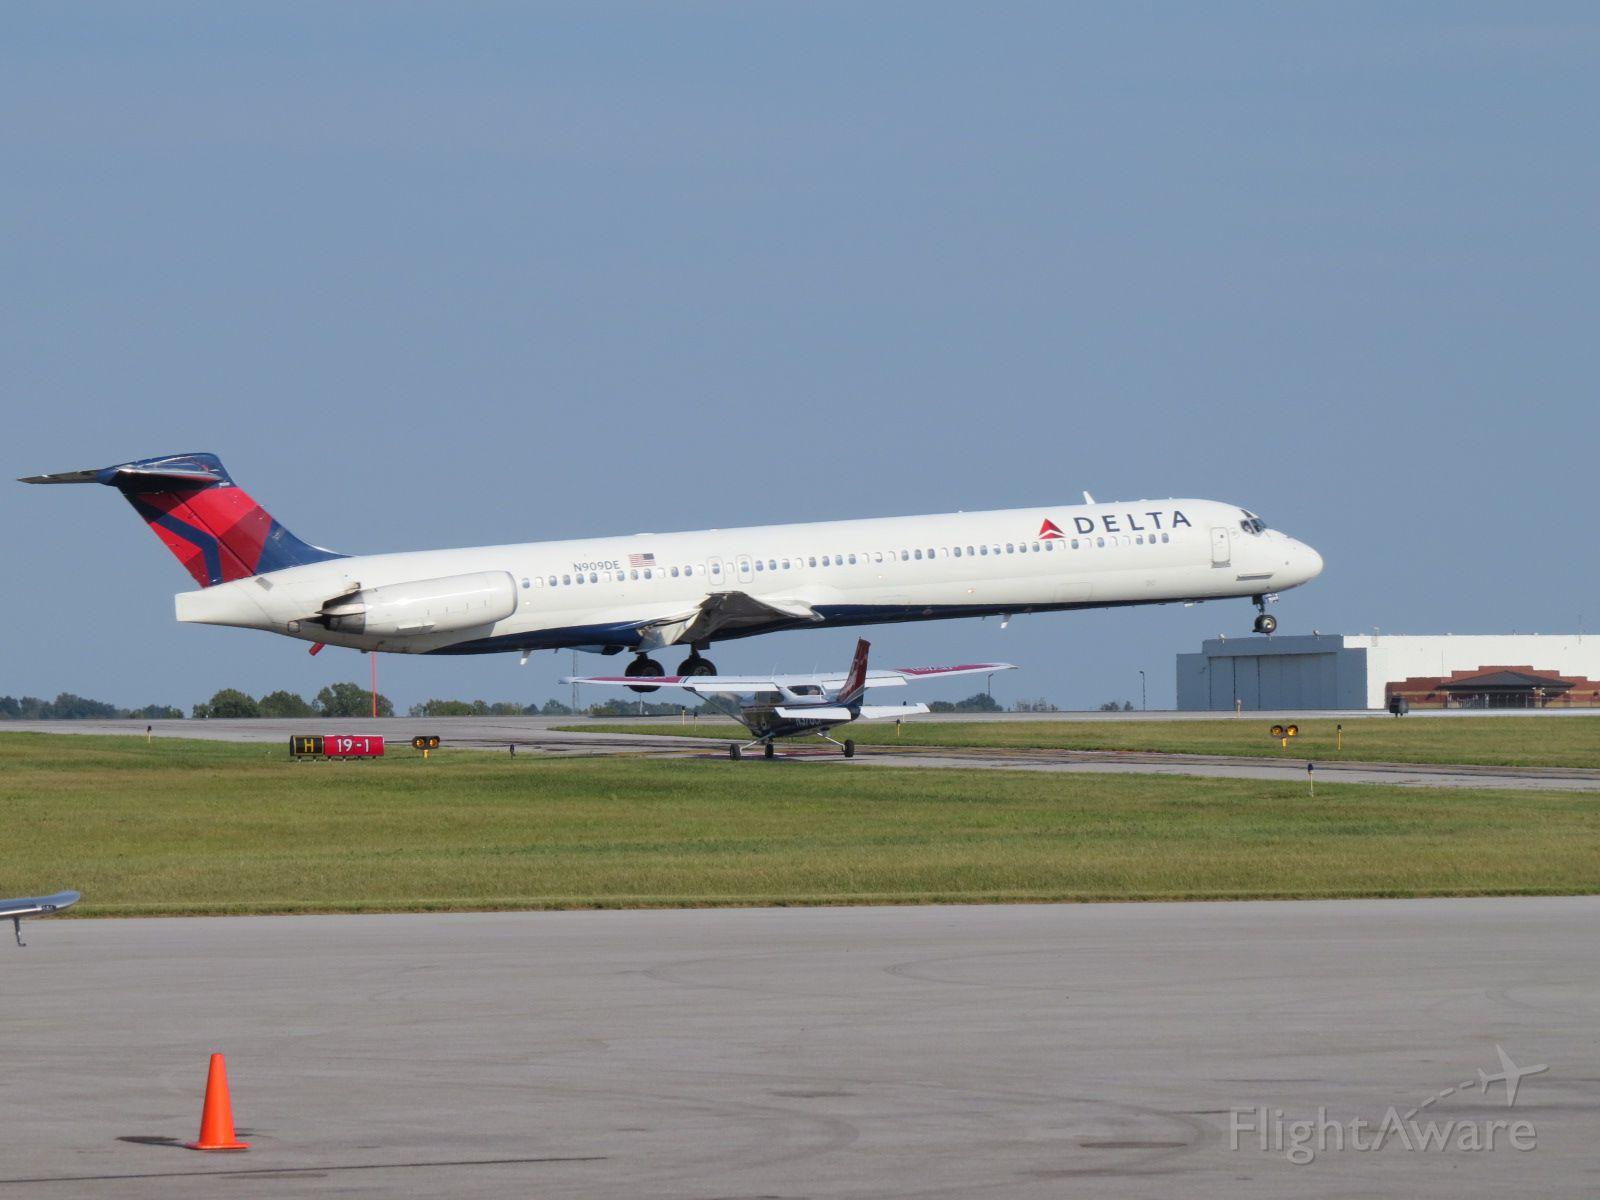 McDonnell Douglas MD-88 (N909DE)